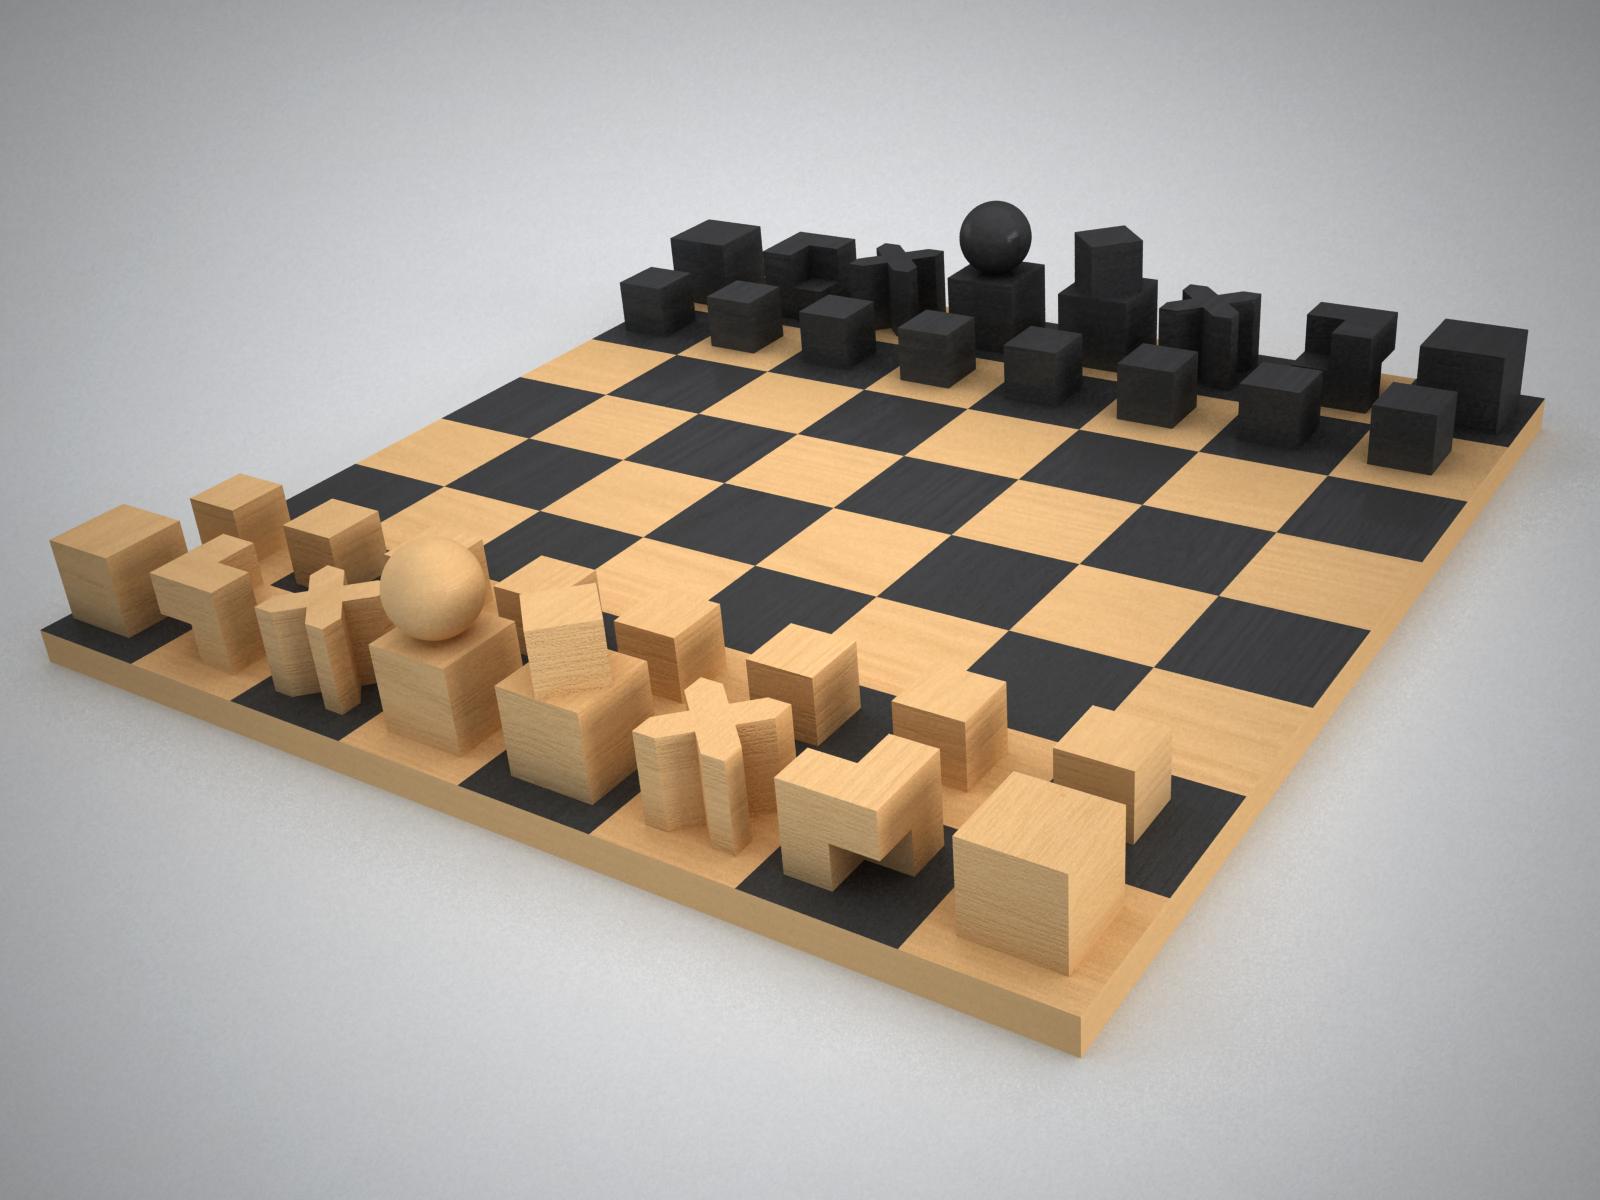 bauhaus-chess-set